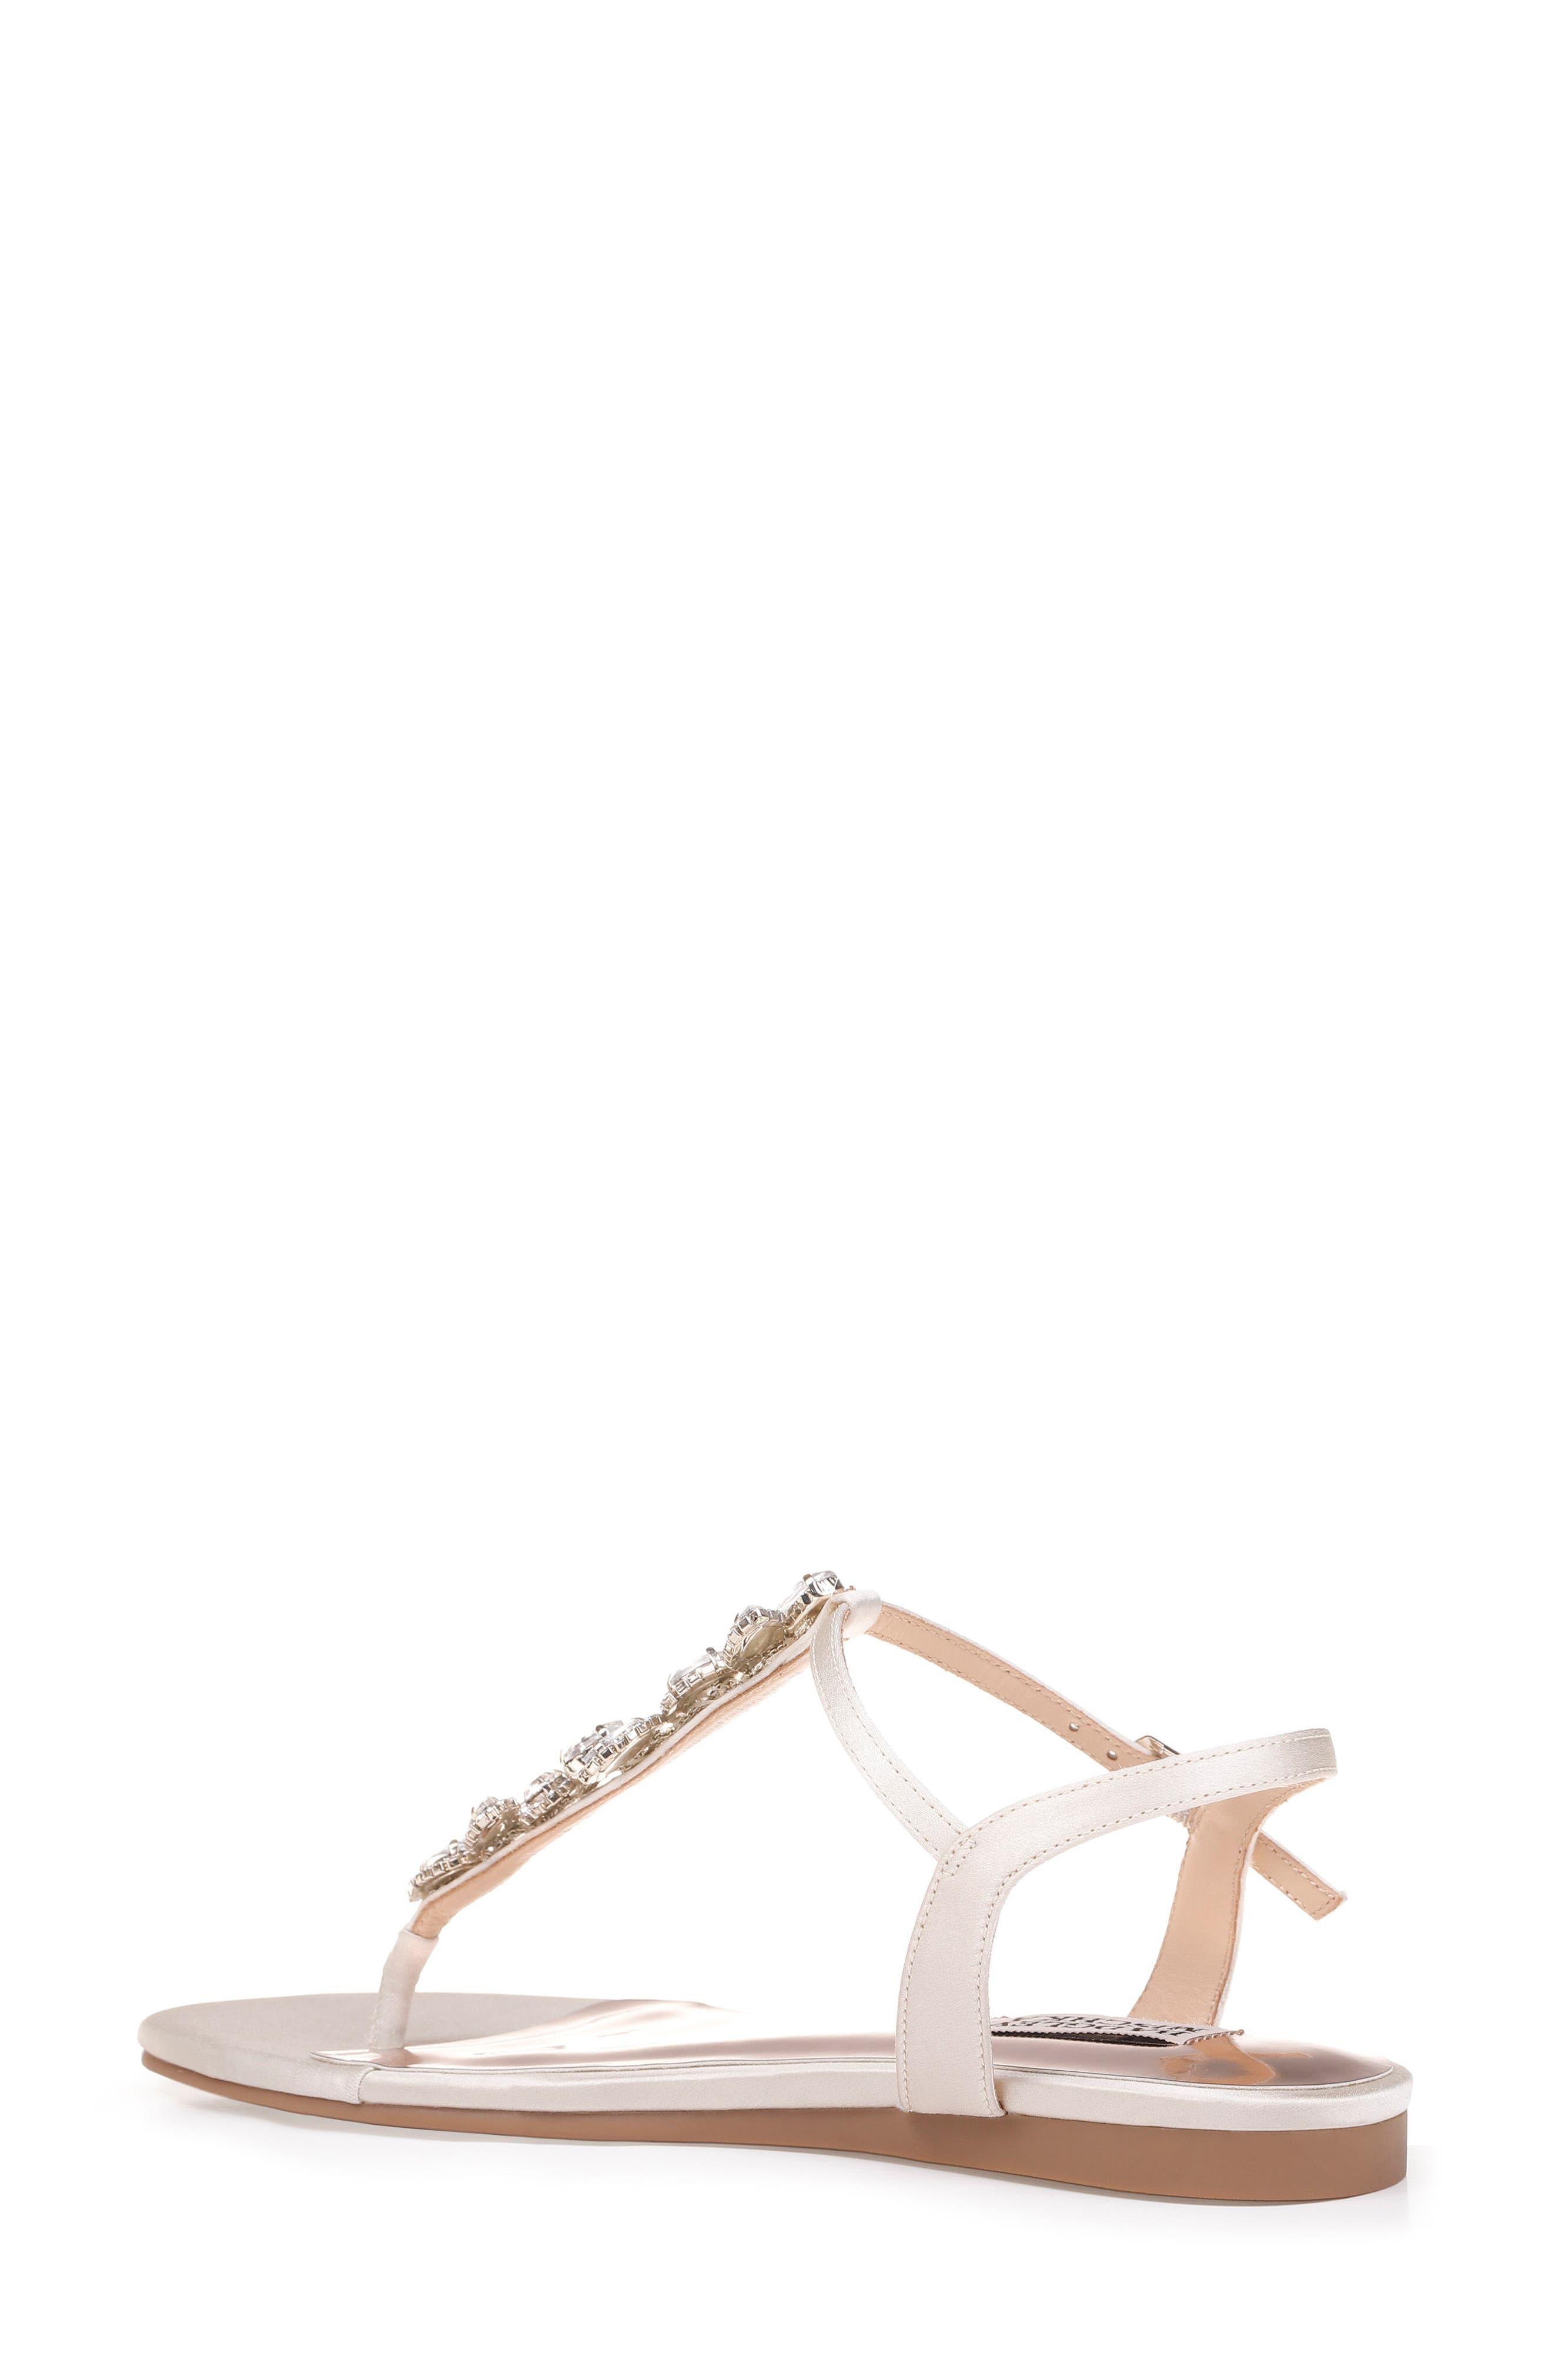 Sissi Crystal Embellished Sandal,                             Alternate thumbnail 2, color,                             Ivory Satin